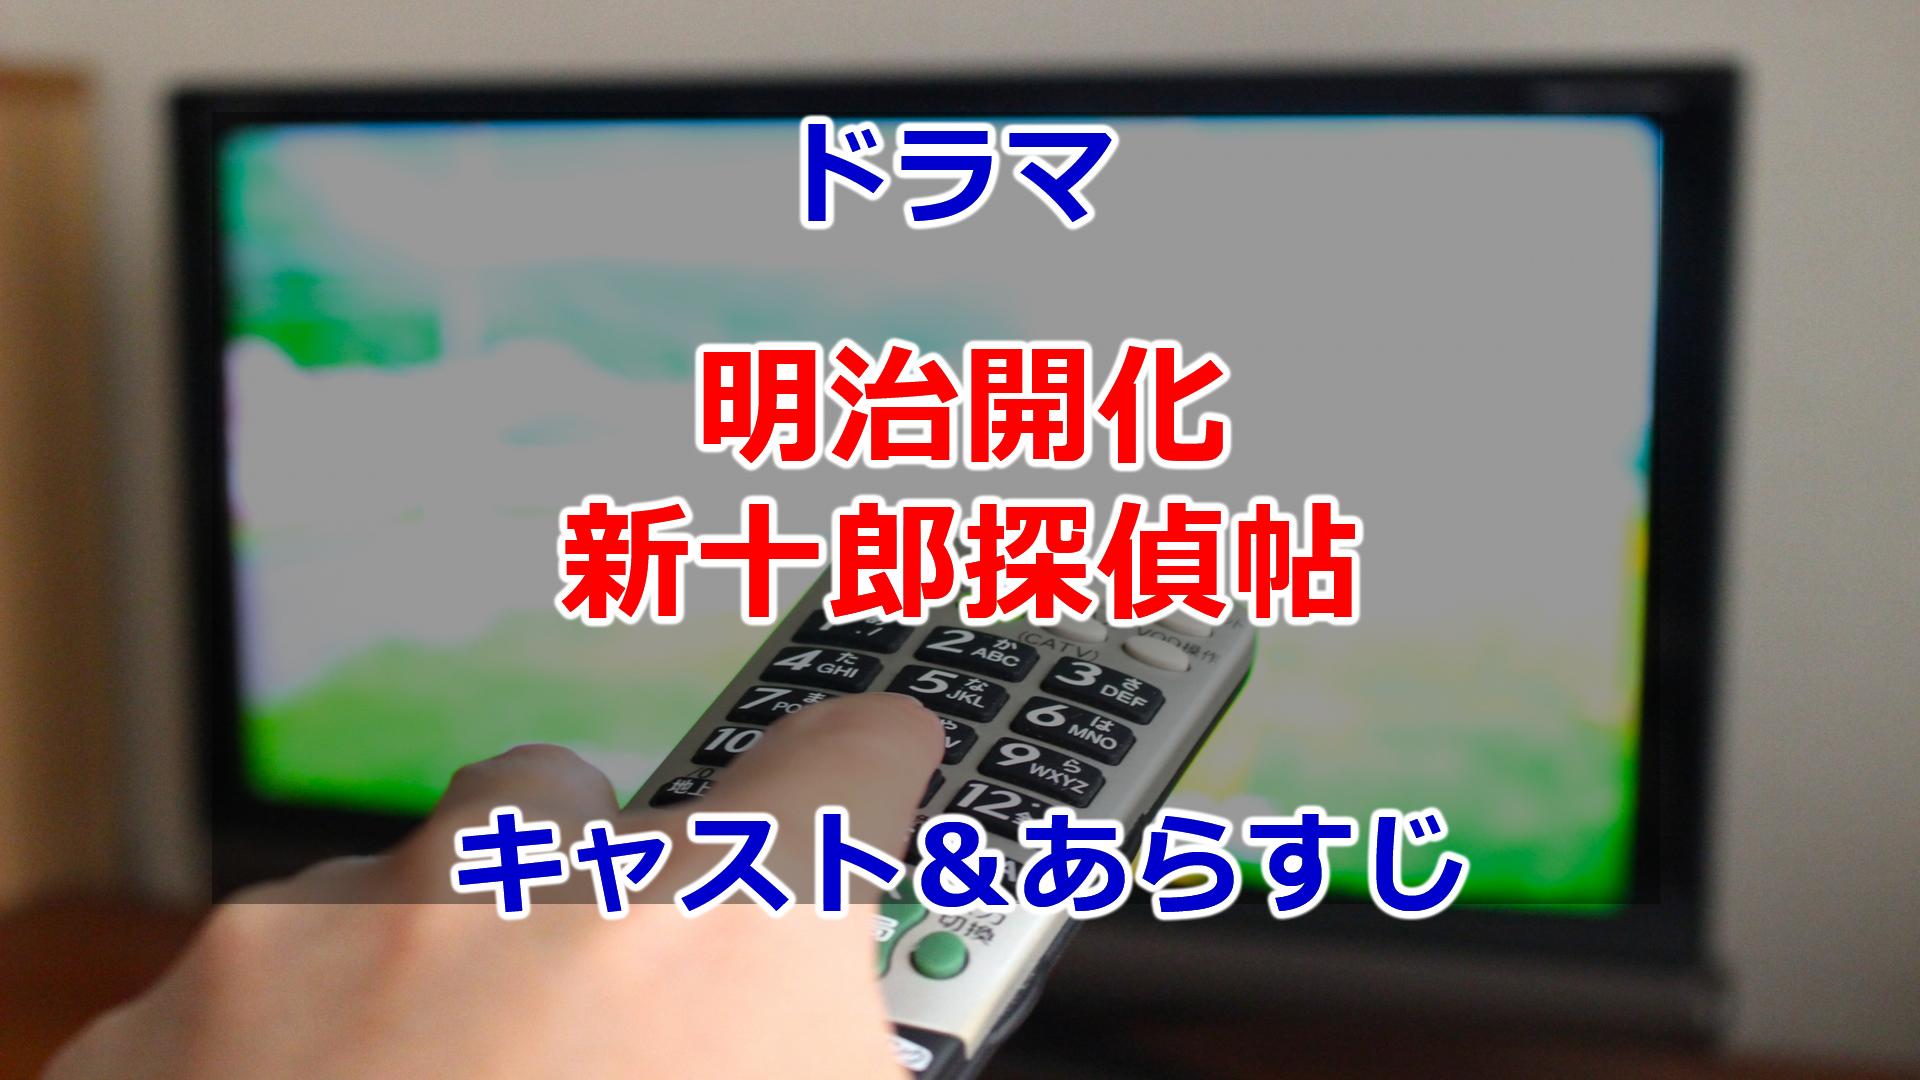 2020春ドラマ明治開化新十郎探偵帖キャスト&あらすじ